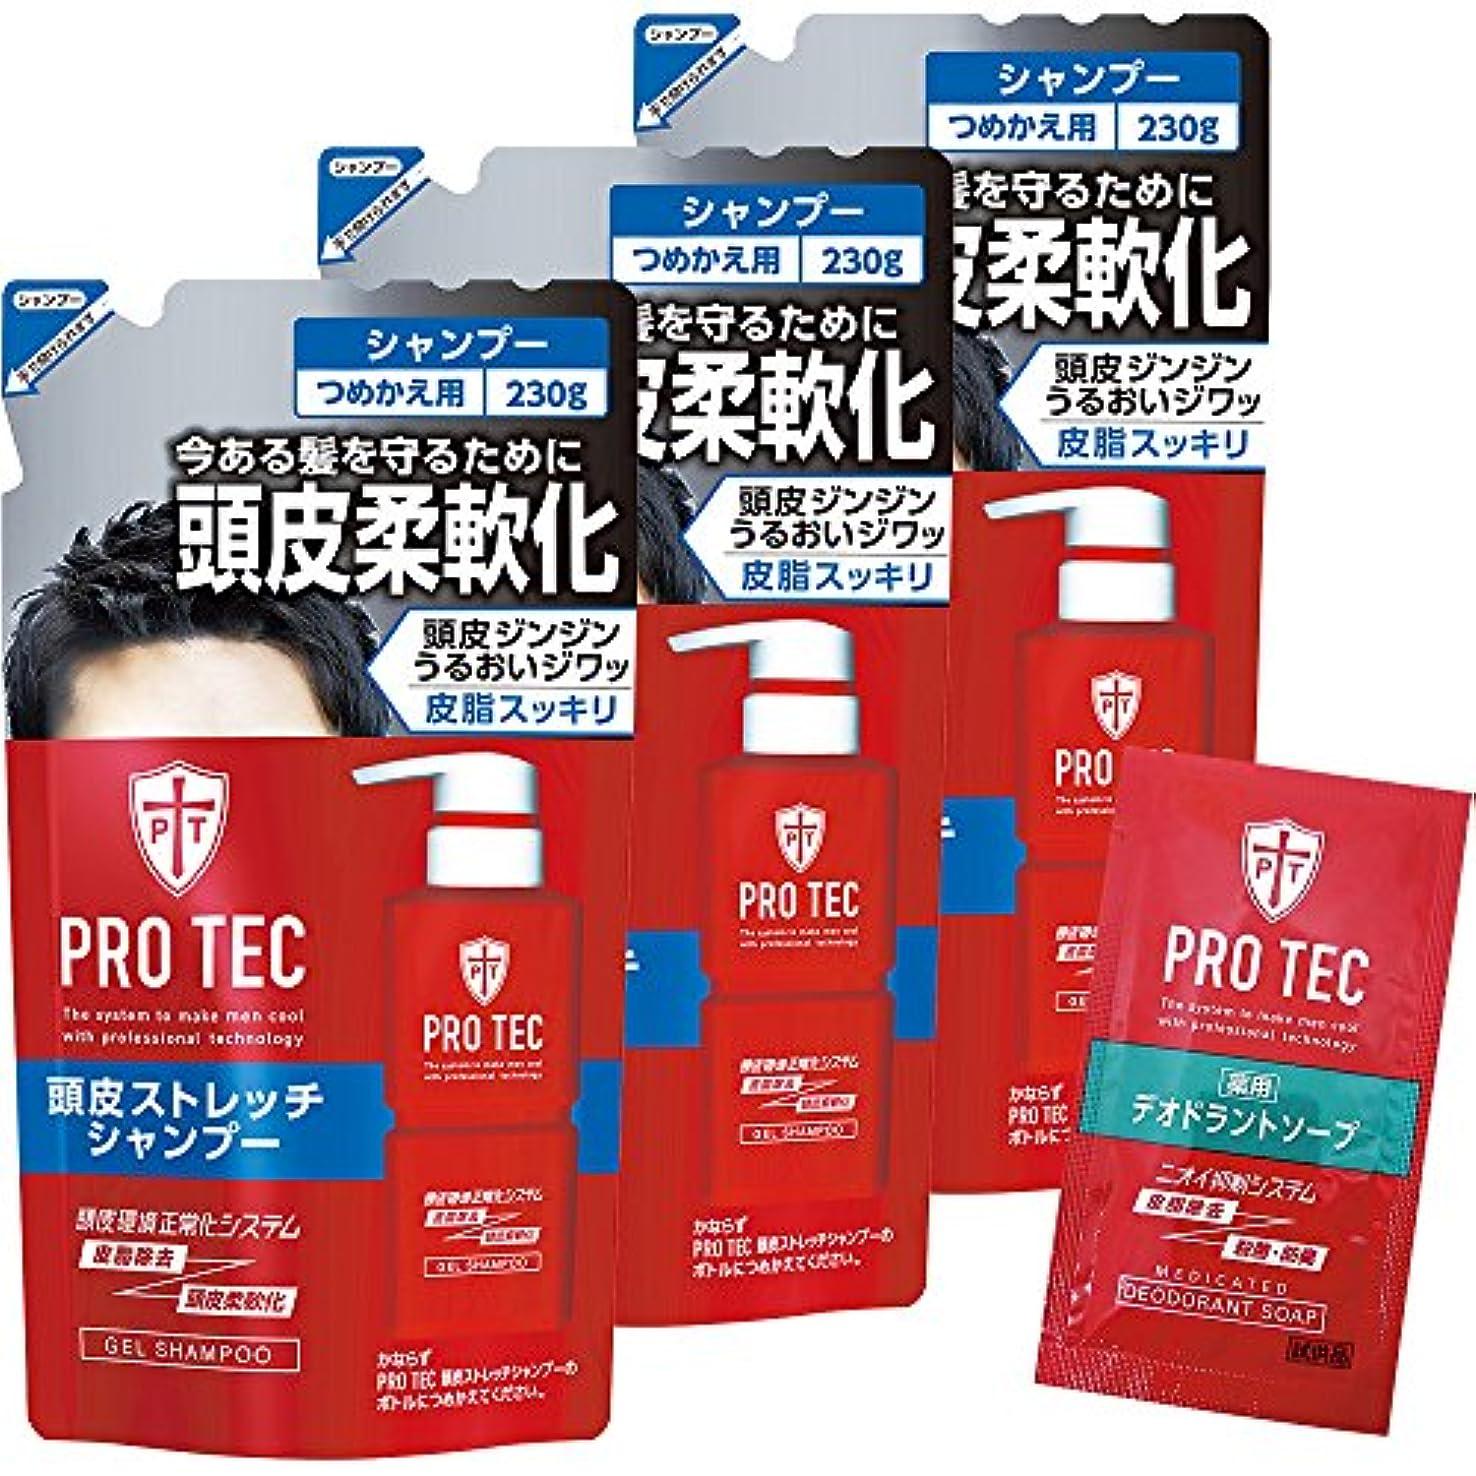 スペイン類推ファイナンス【Amazon.co.jp限定】PRO TEC(プロテク) 頭皮ストレッチ シャンプー 詰め替え (医薬部外品) 230g×3個パック+デオドラントソープ1回分付